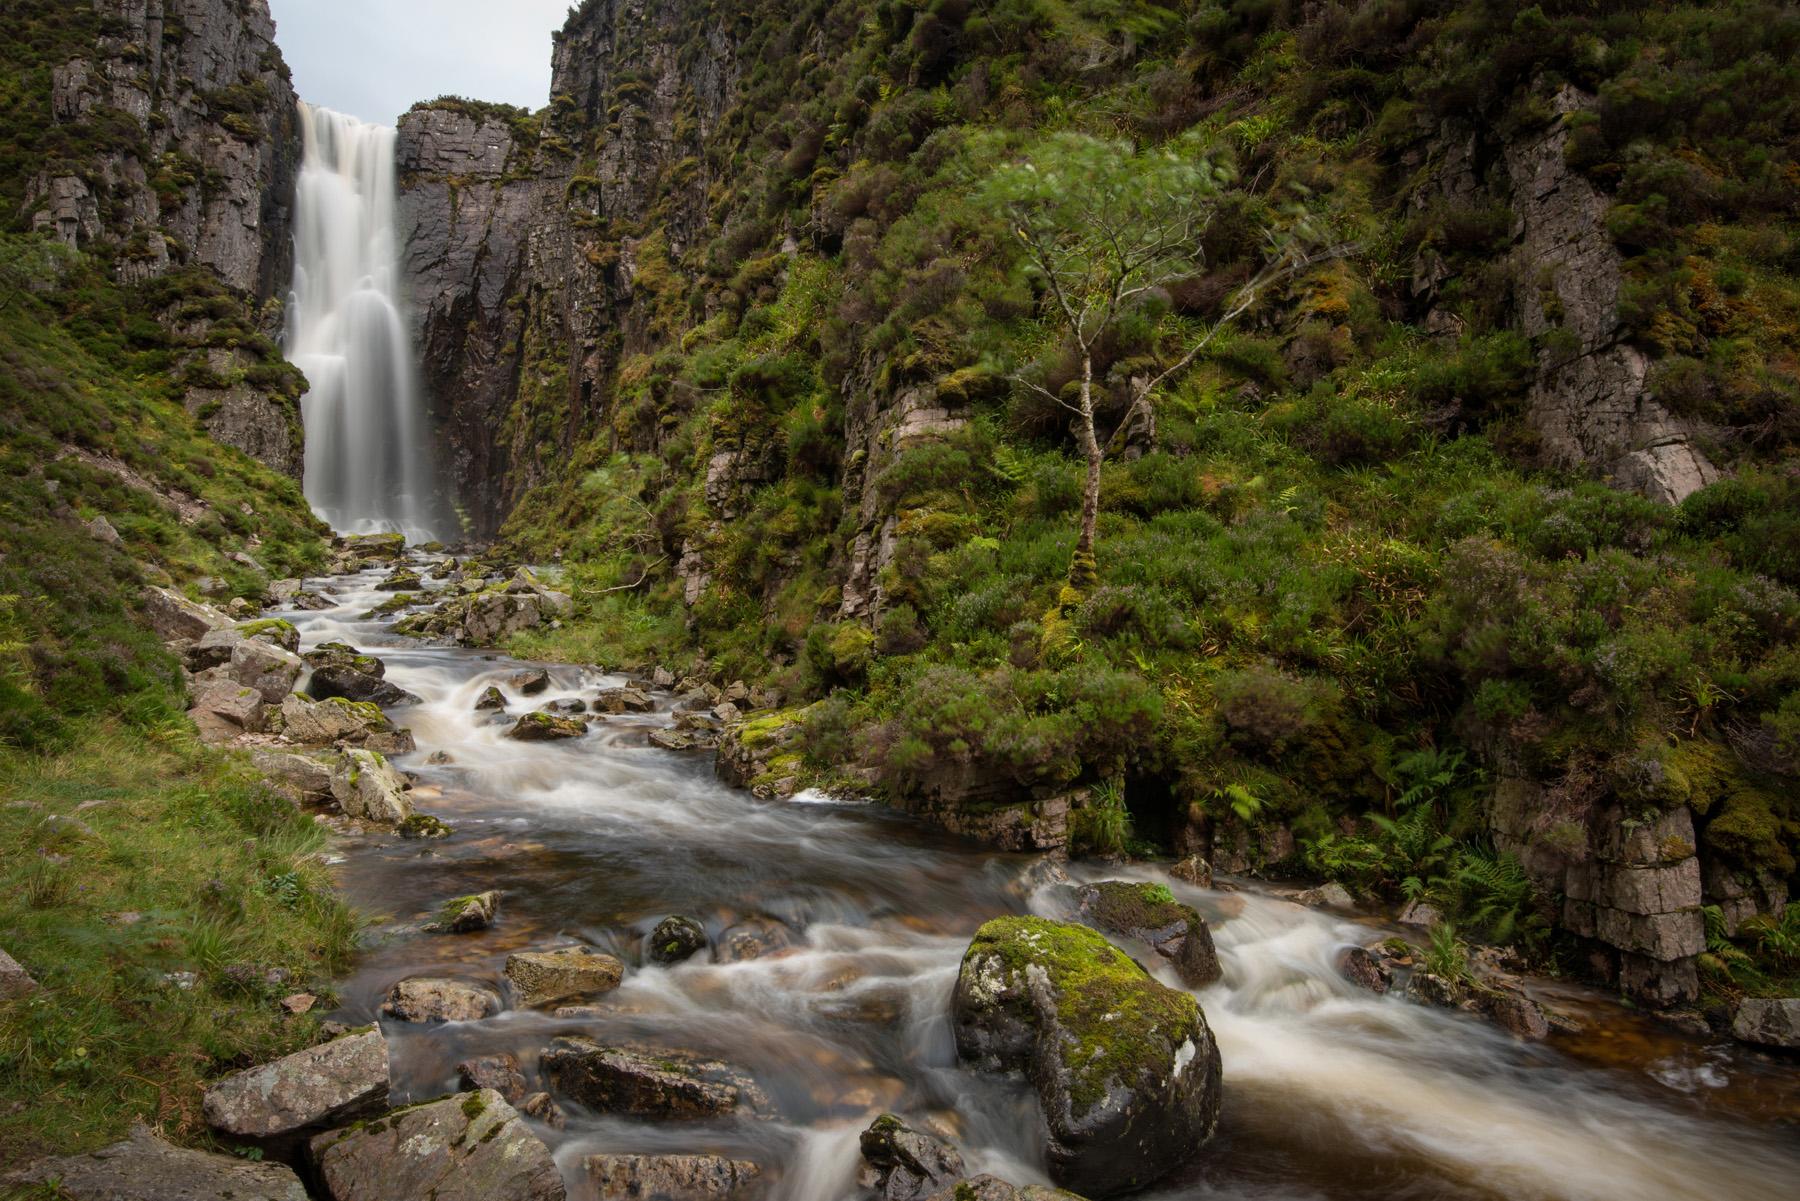 Der Wasserfall der klagenden Witwe